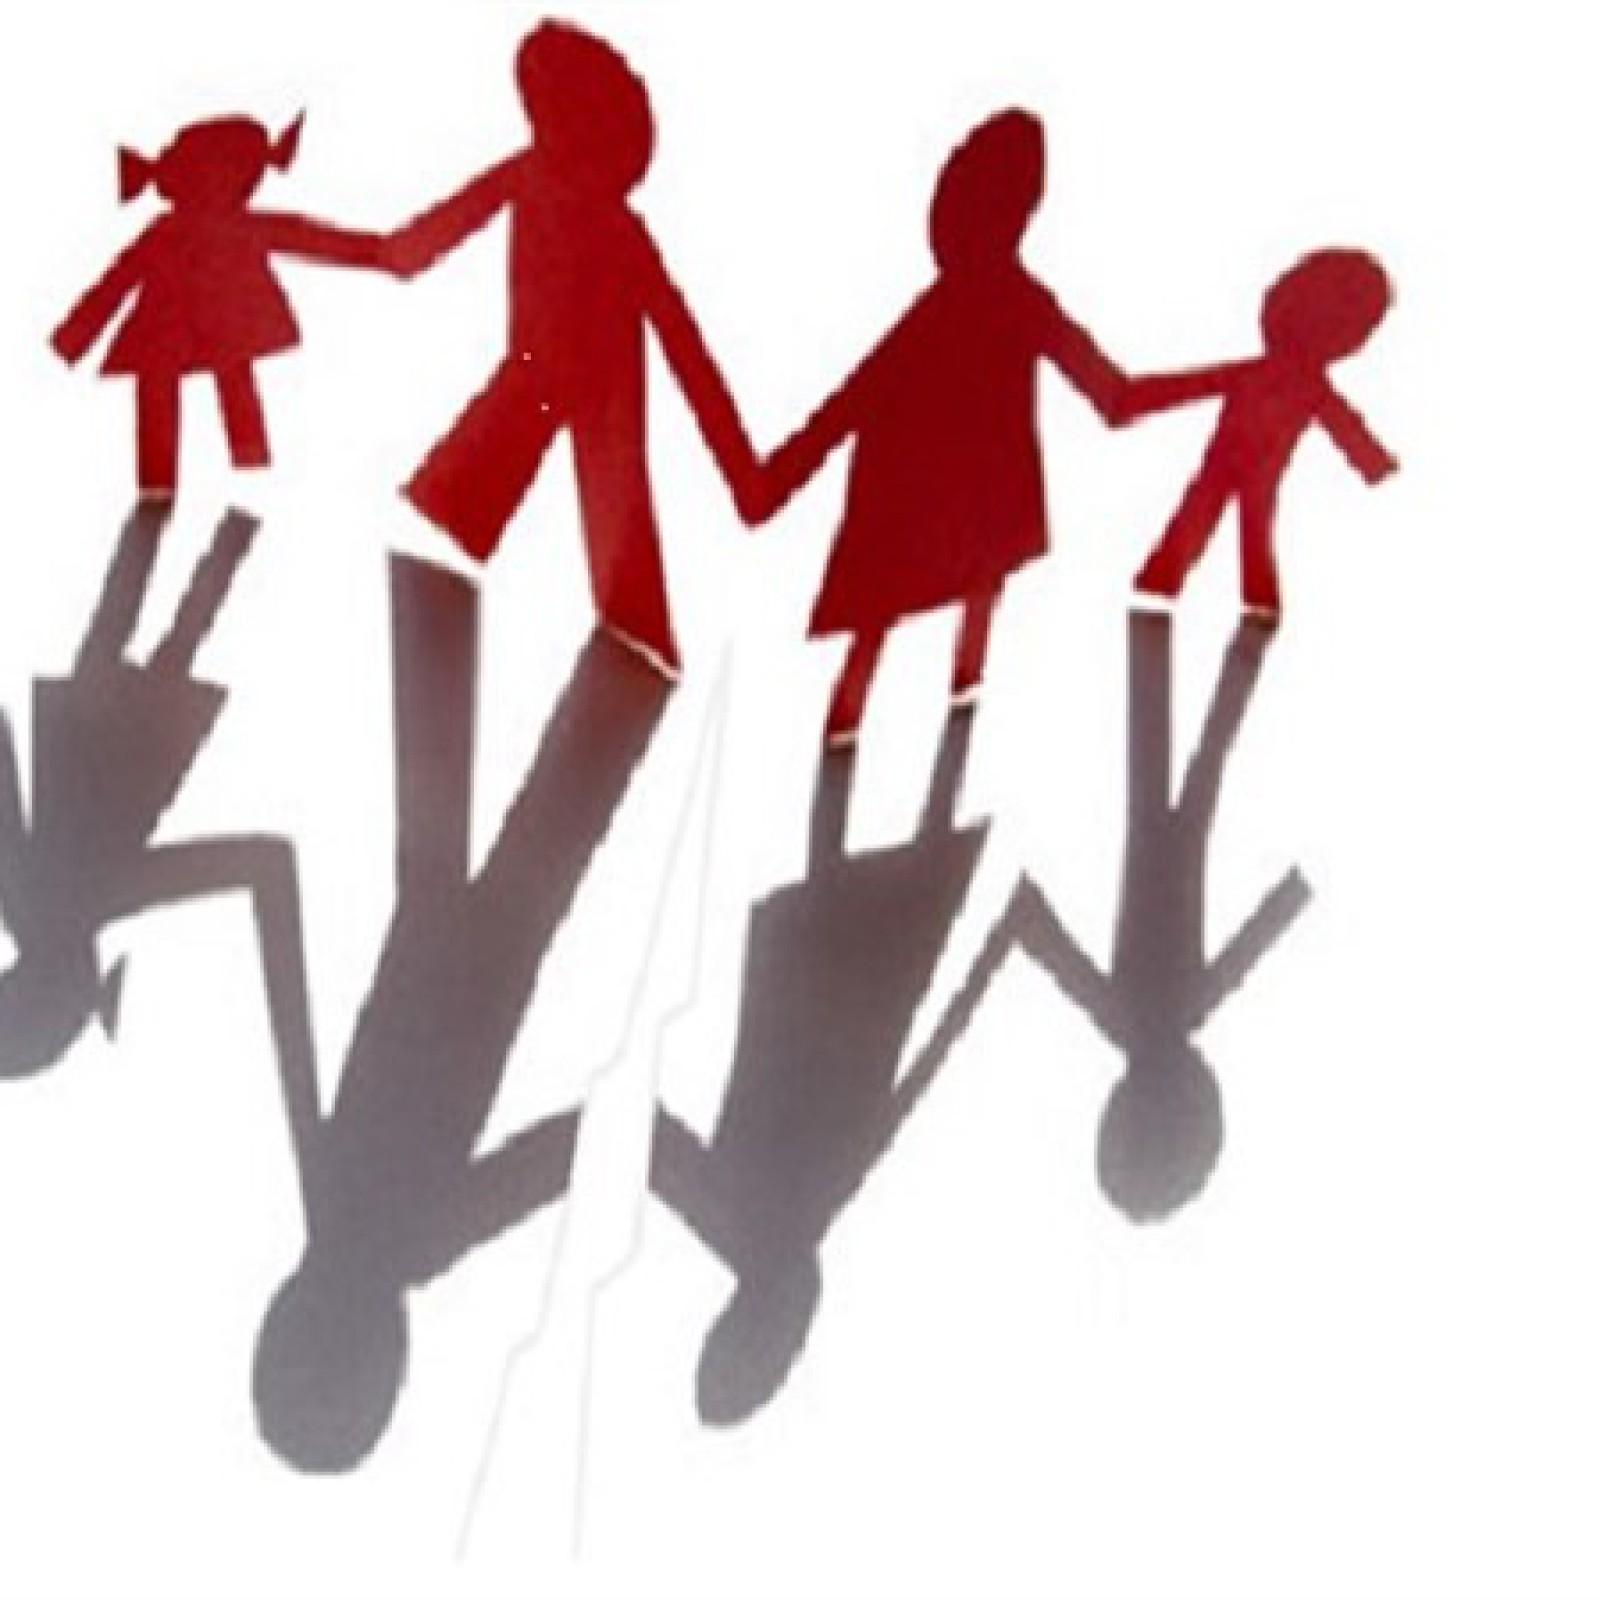 Diritto di visita/frequentazione genitori/figli in tempo di coronavirus: una diversa visione del problema